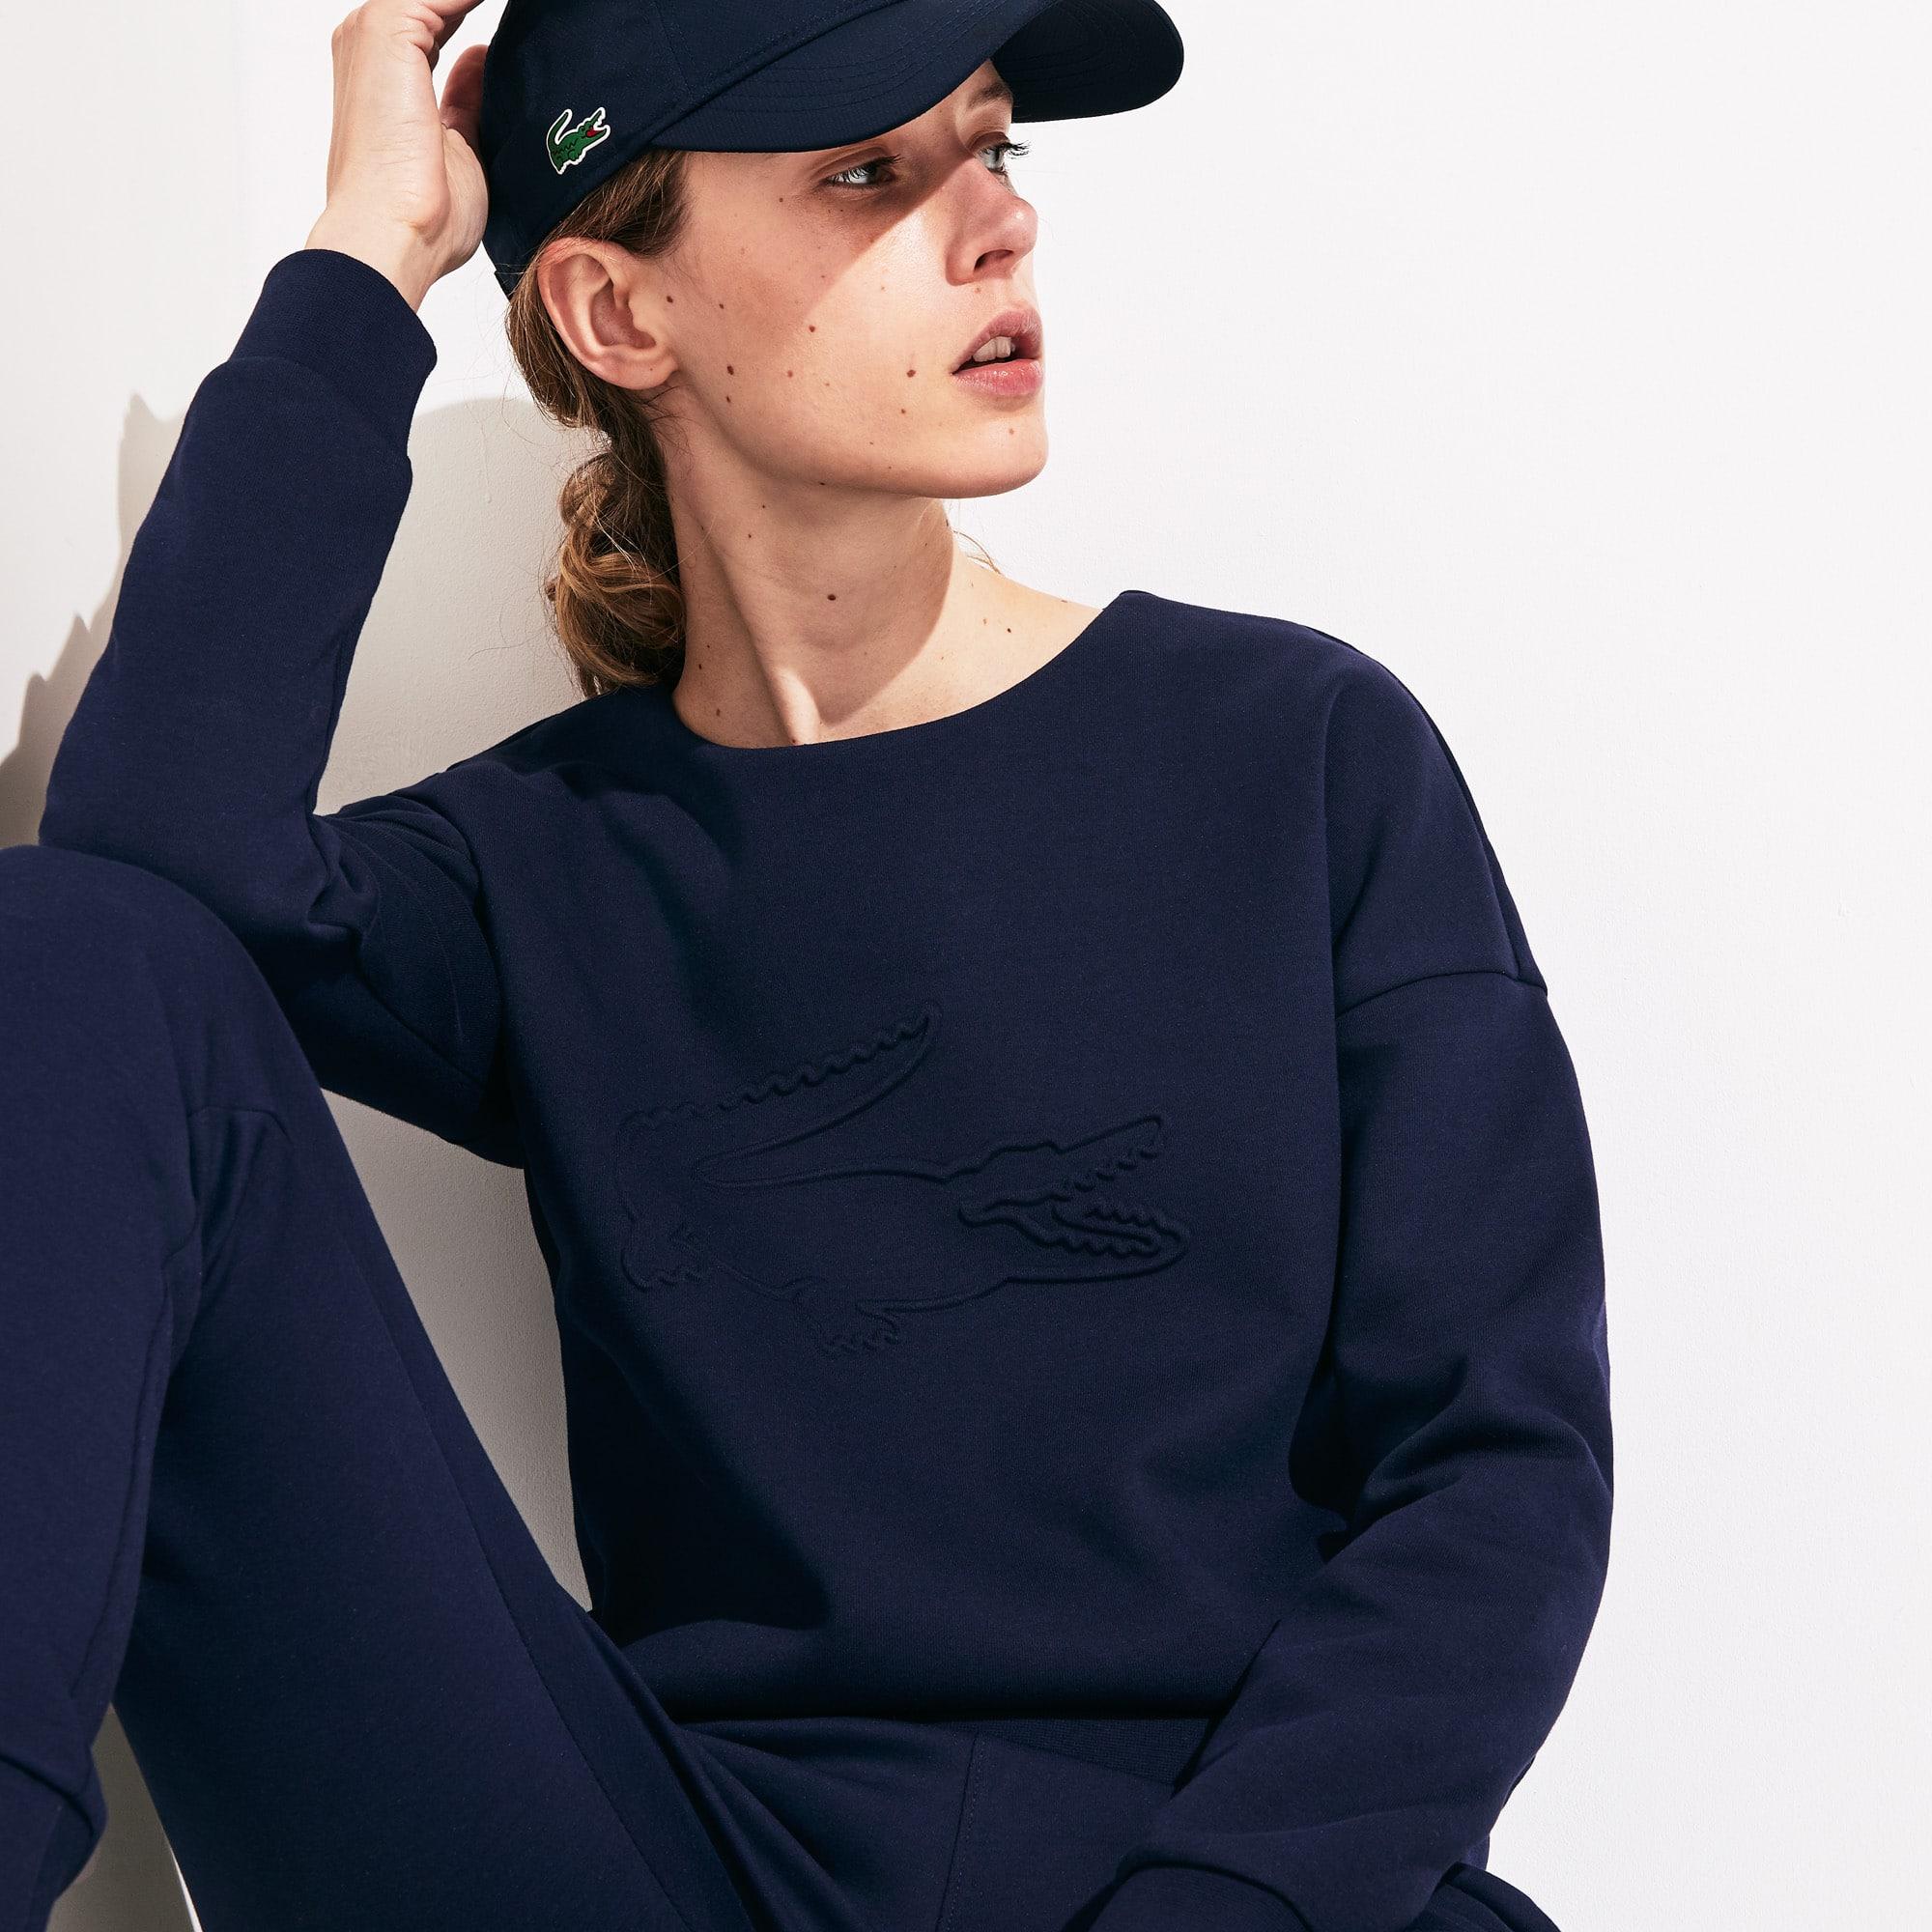 라코스테 Lacoste Women's SPORT Oversize Croc Cotton-Blend Sweatshirt,Navy Blue - 166